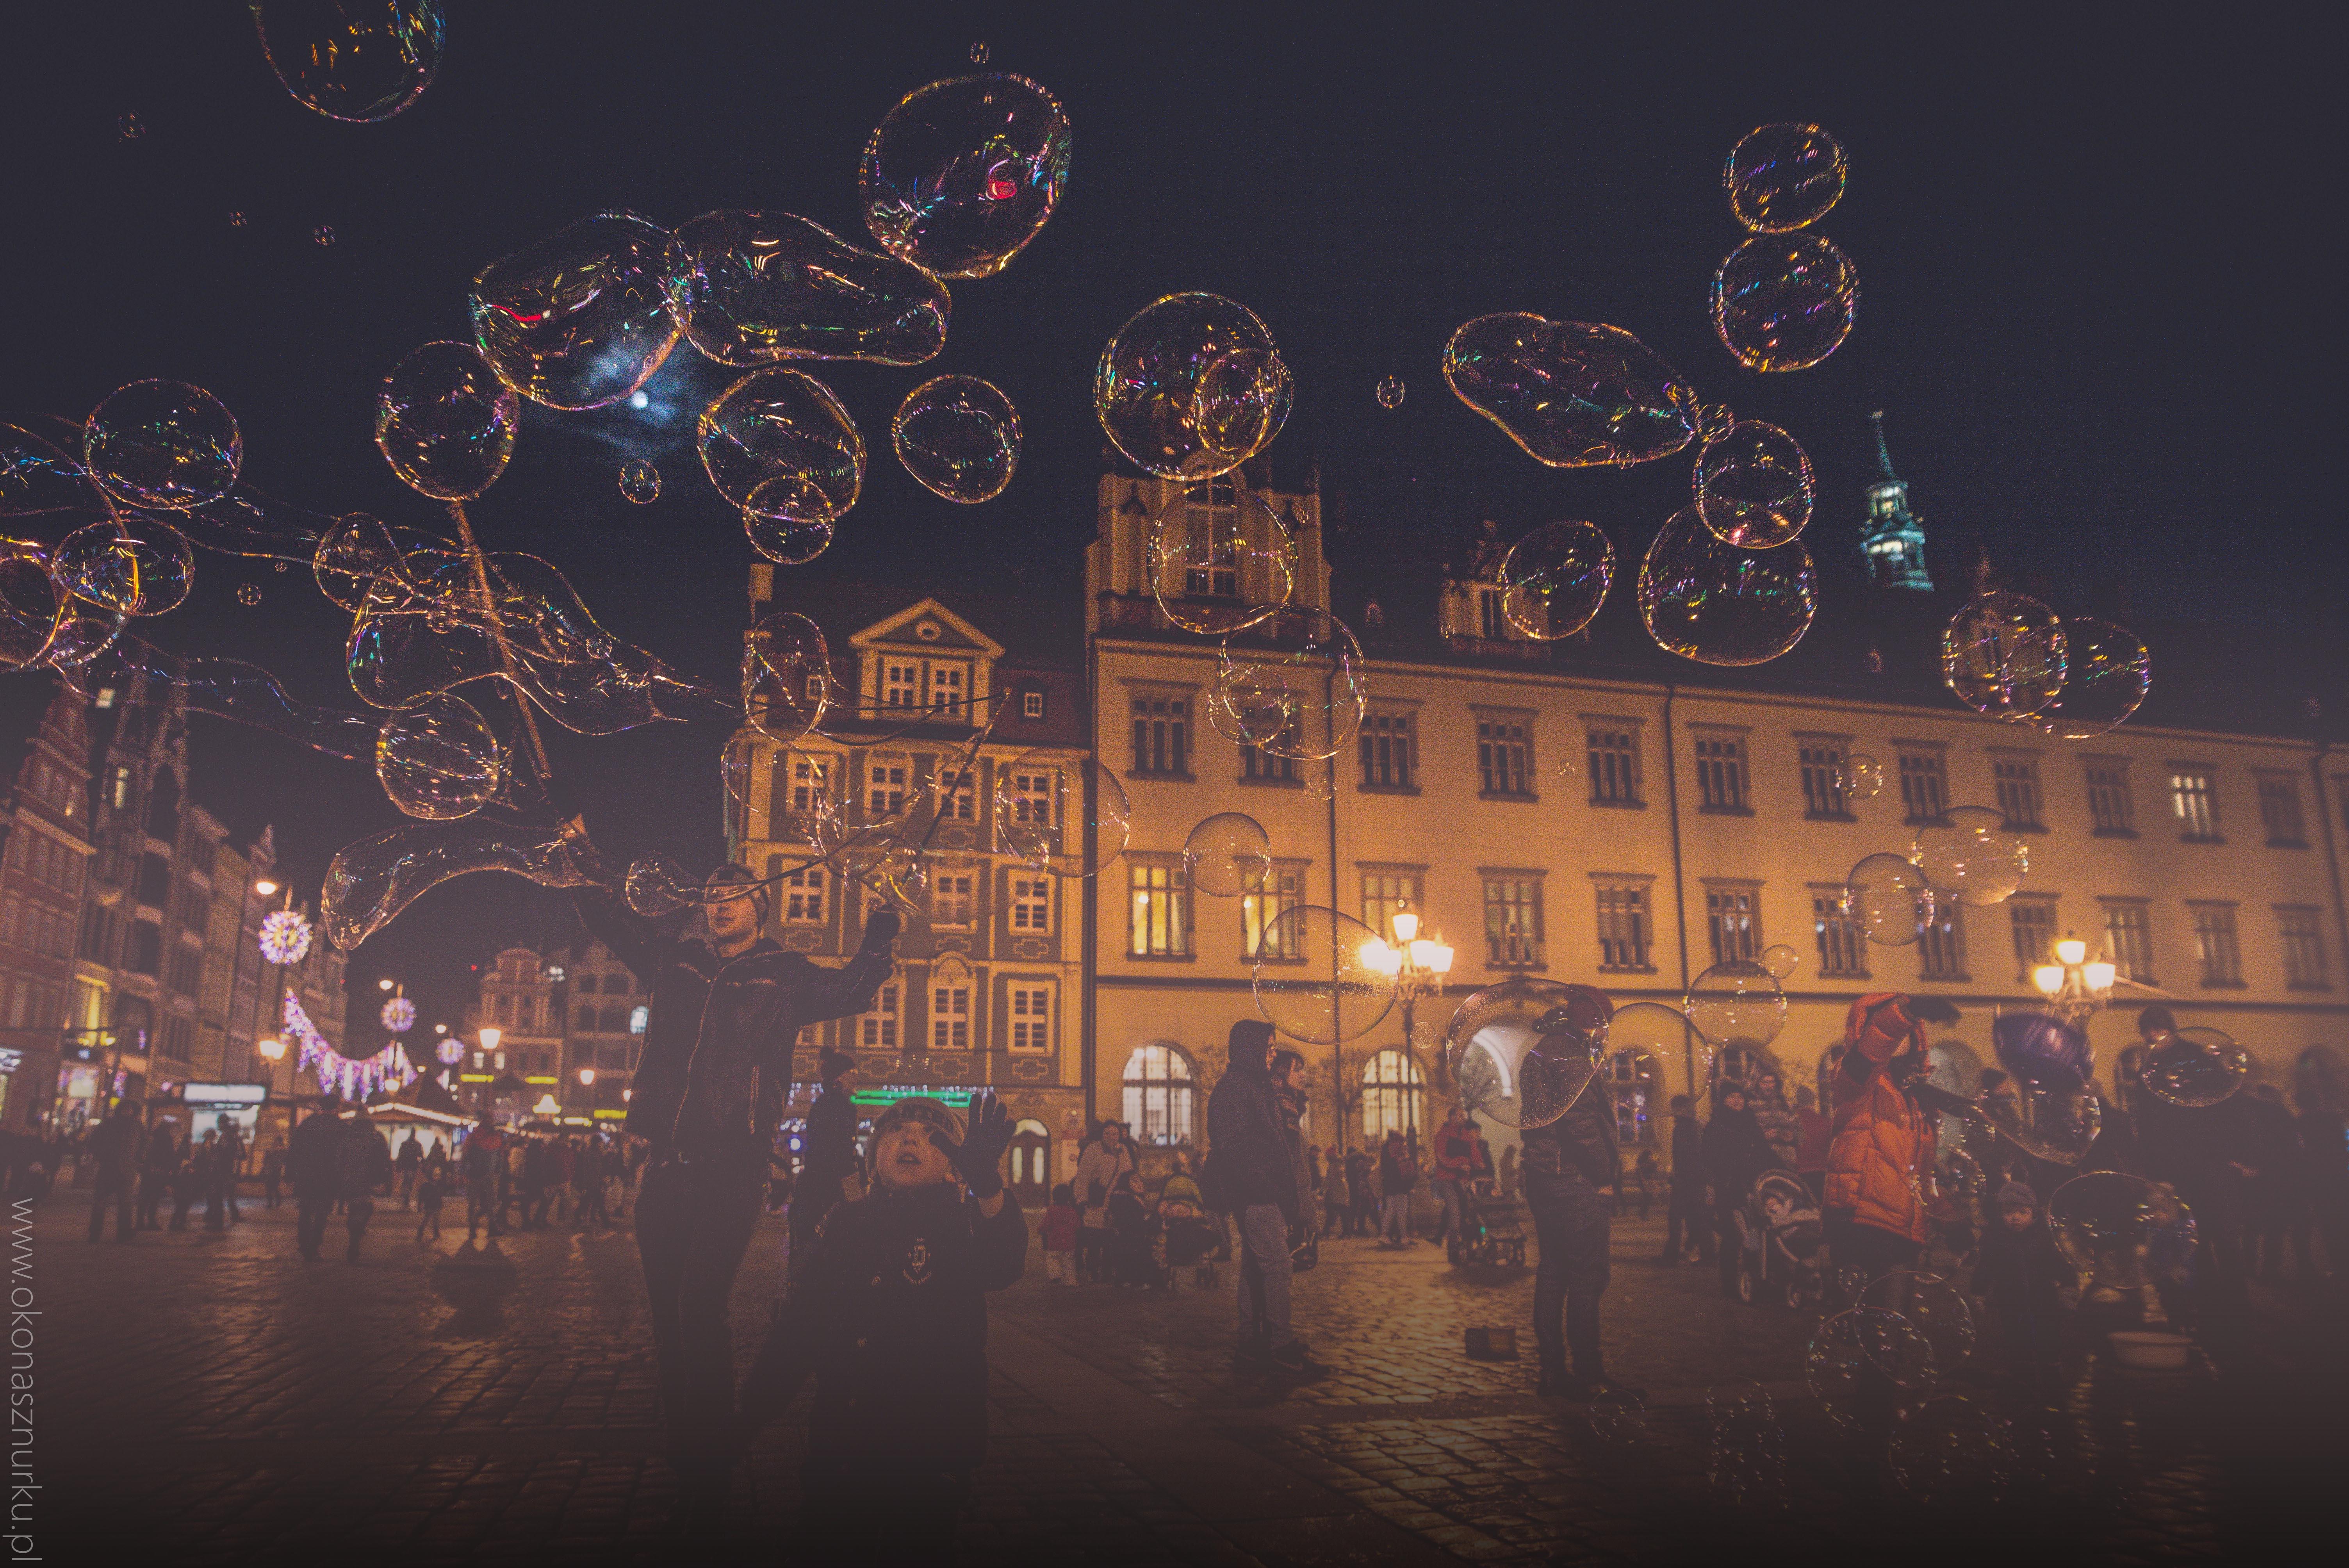 jarmark-bozonarodzeniowy-christmas-market-wroclaw (12)